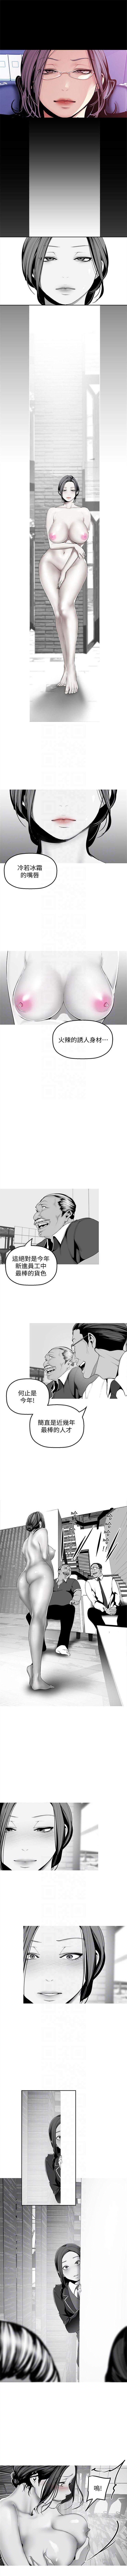 (週1)美麗新世界 1-76 中文翻譯 (更新中) 337